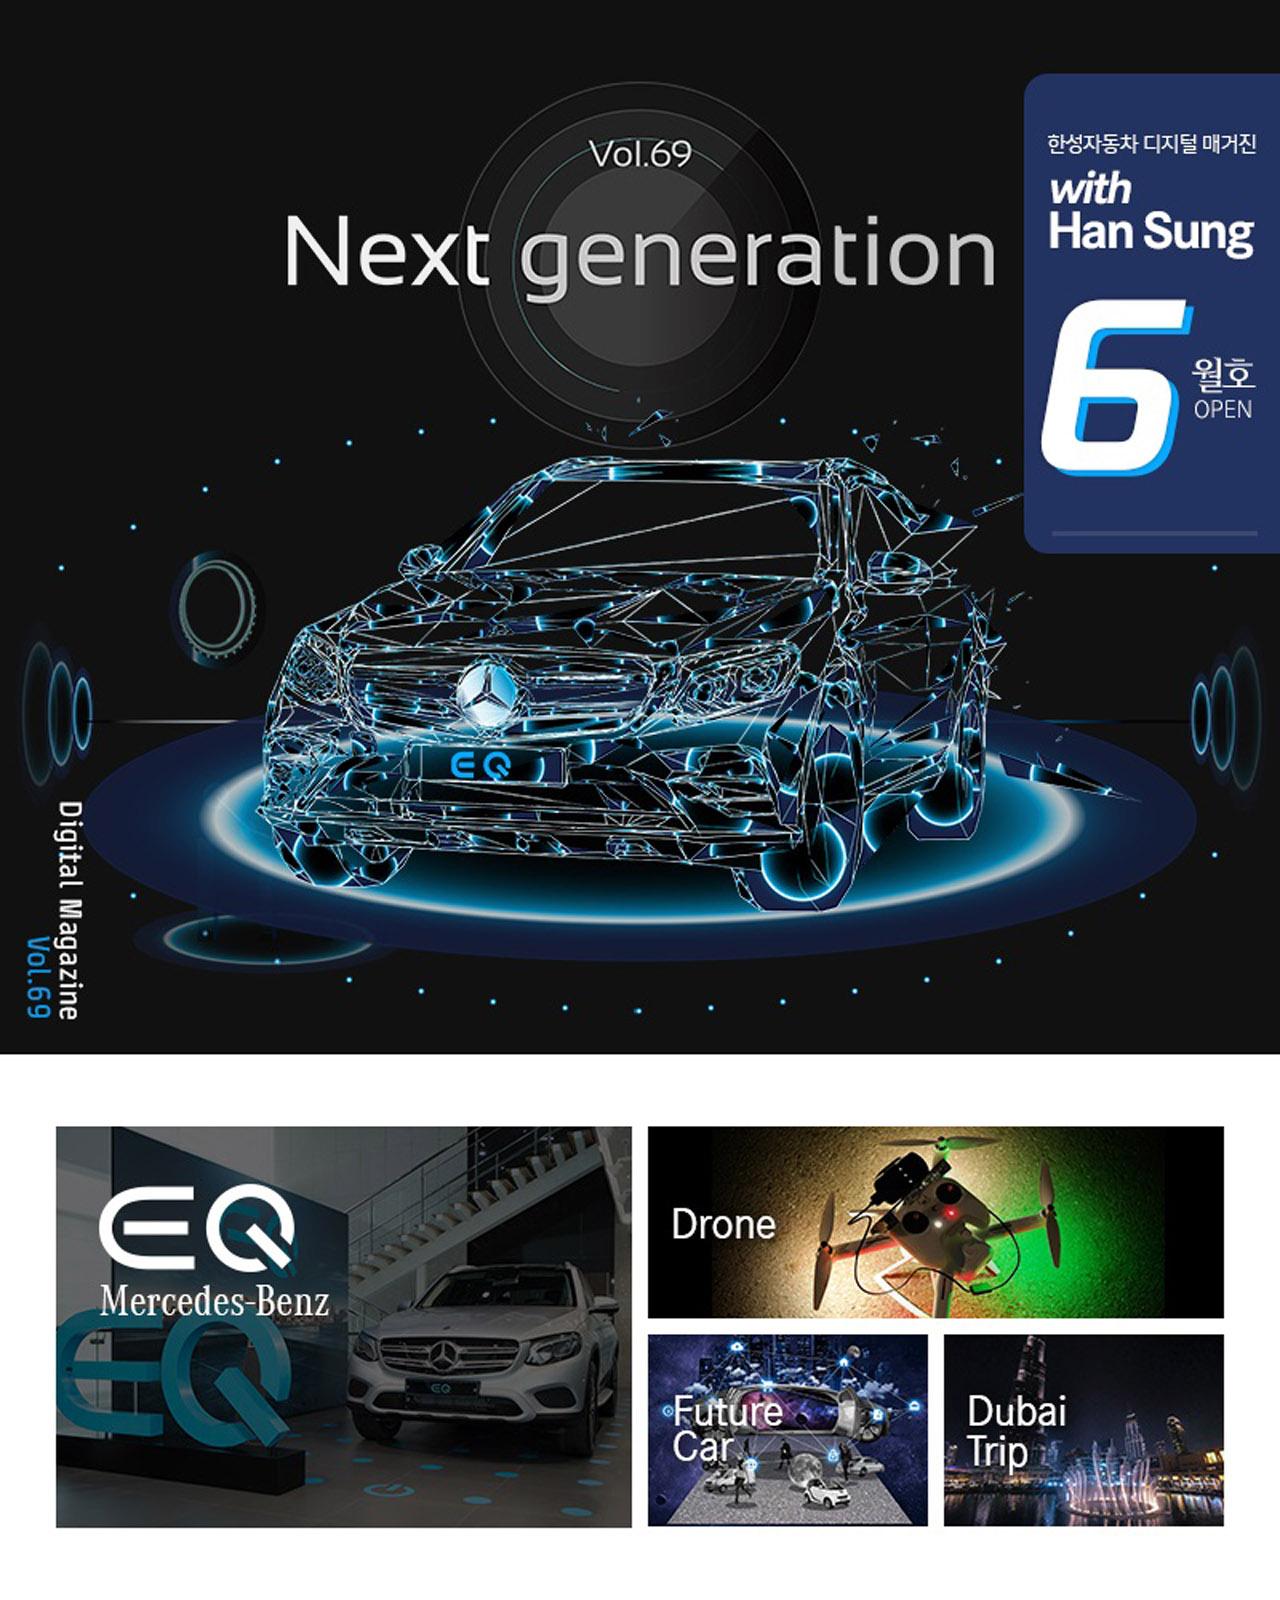 한성자동차, 라이프스타일 디지털 매거진 with Hansung 6월호 발행, 페이스북 이벤트 진행